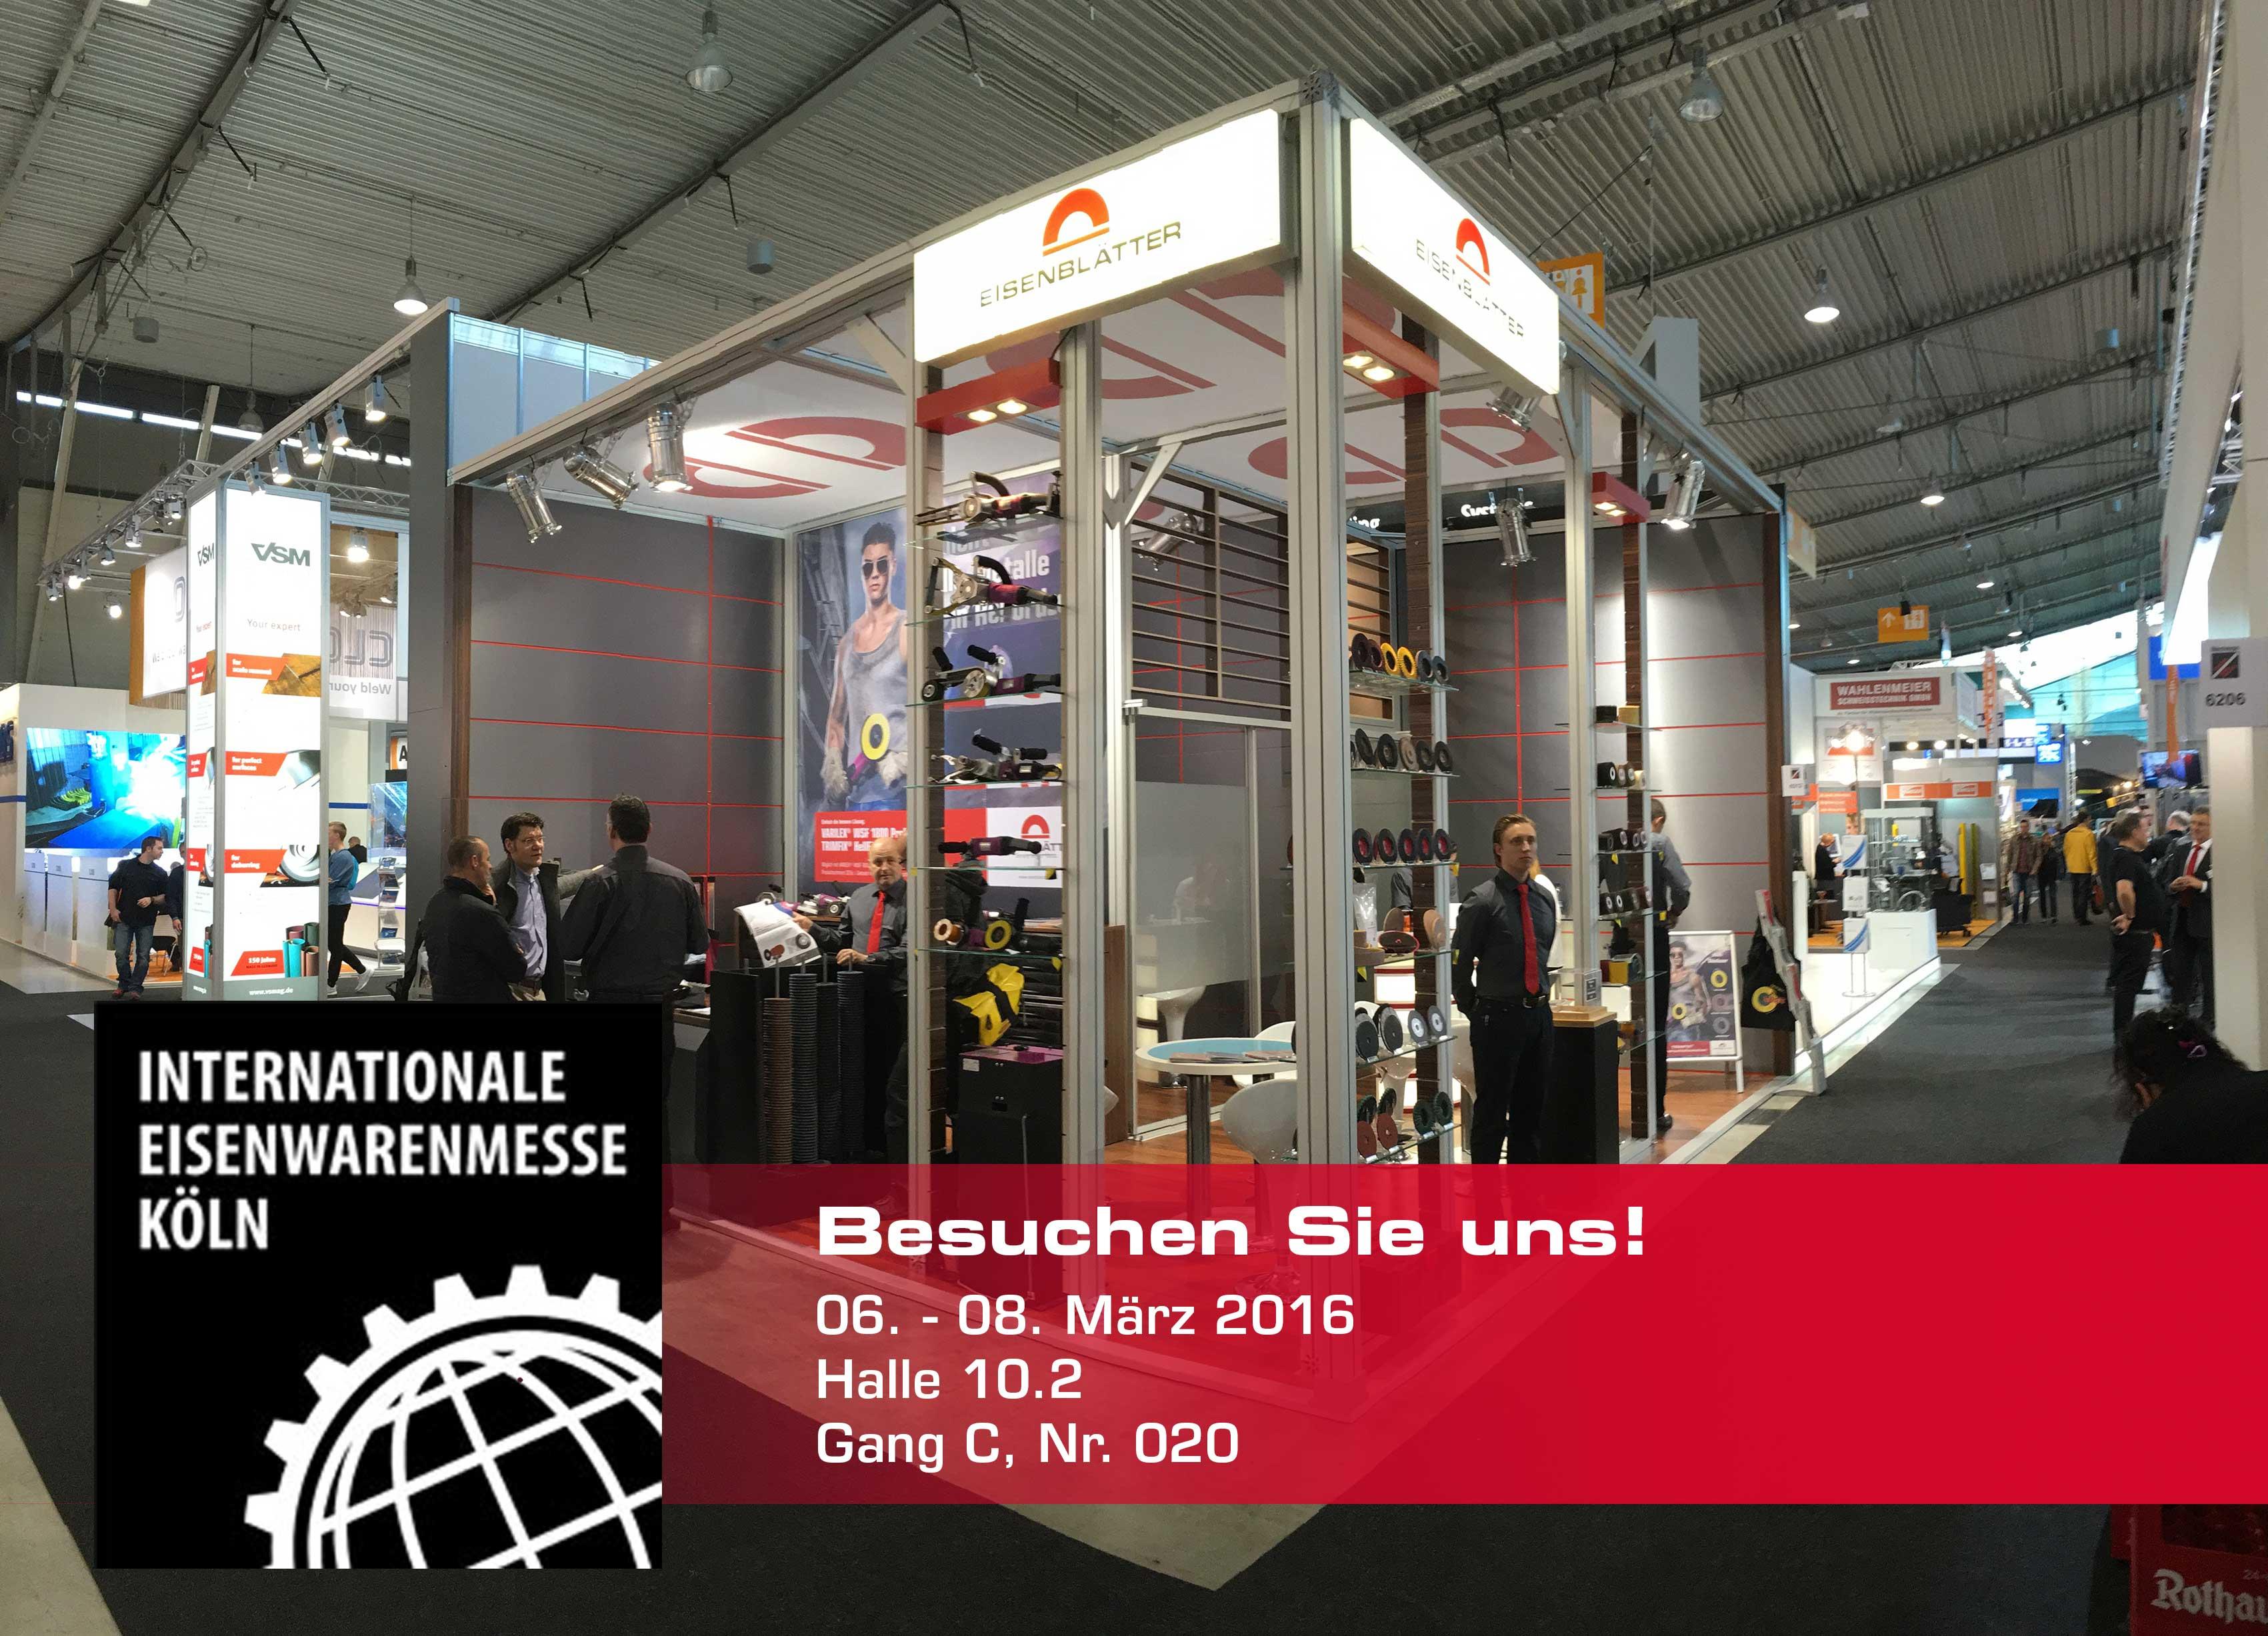 Internationale Eisenwarenmesse Köln 2016